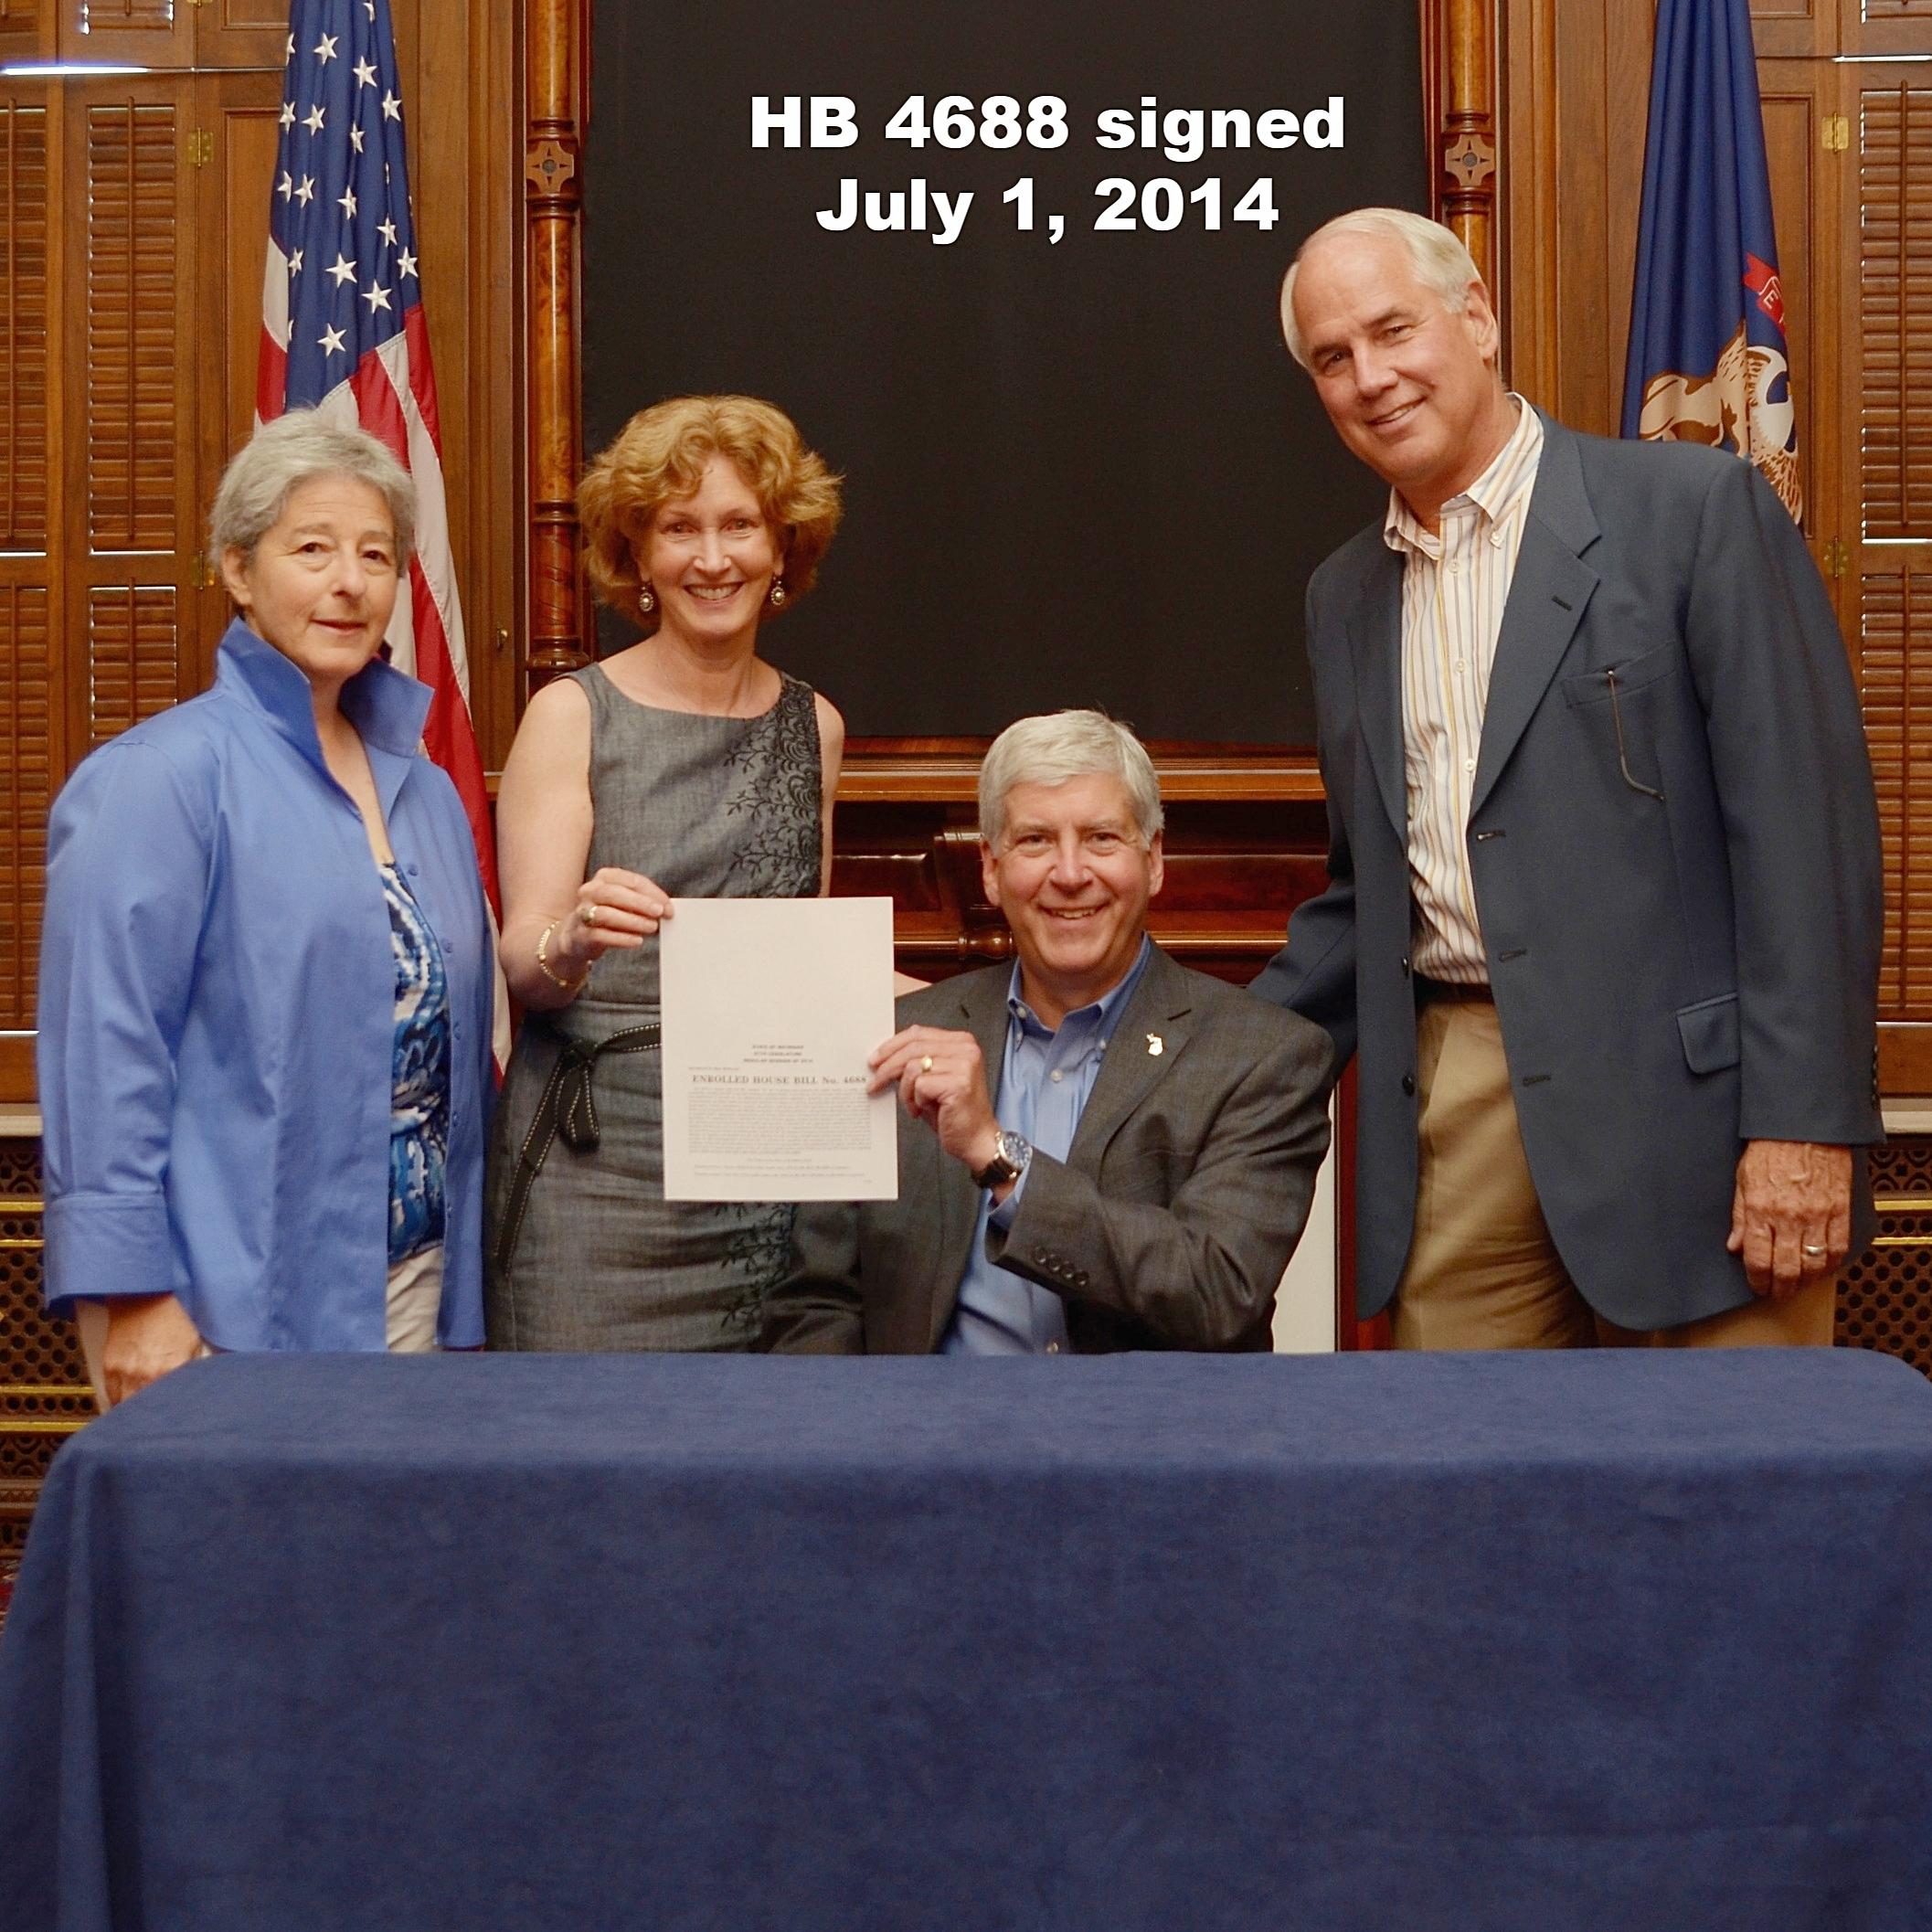 HB 4688 signed july 1, 2014